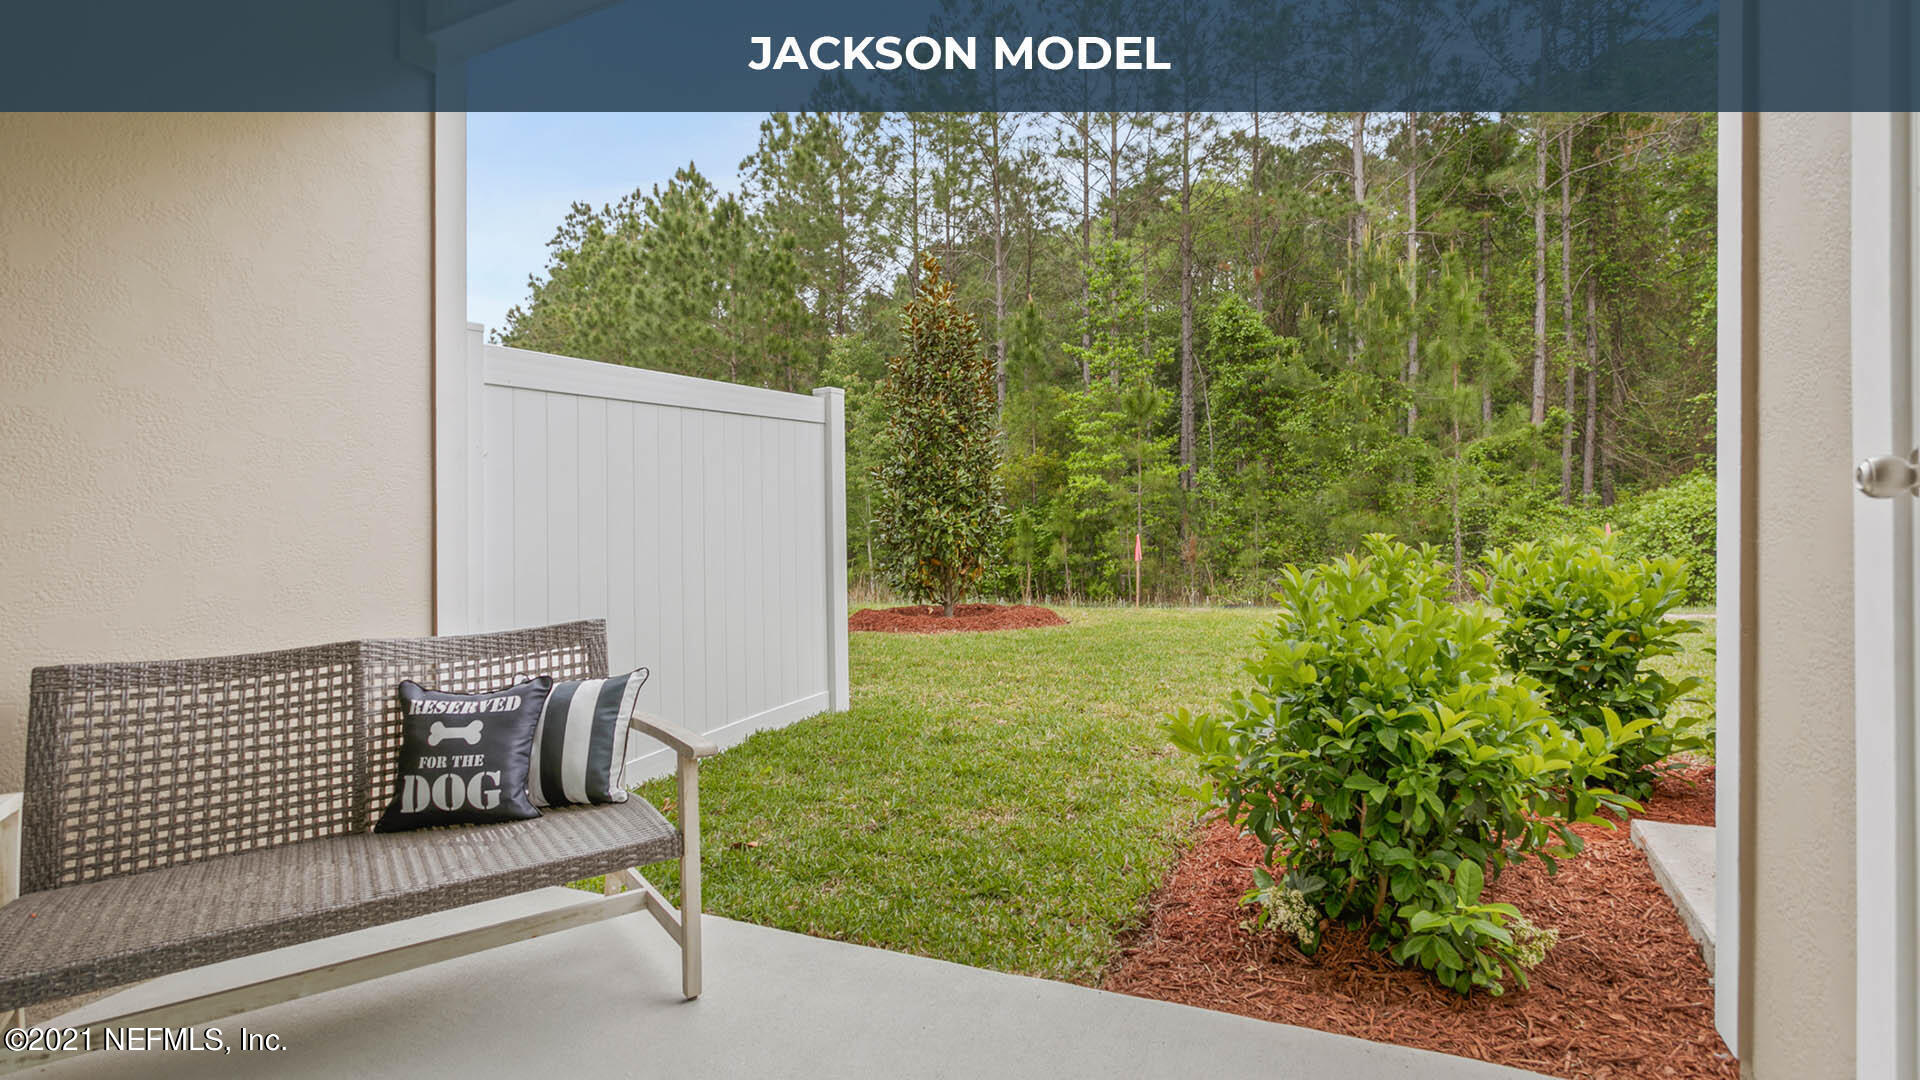 575 OAKLEAF PLANTATION, ORANGE PARK, FLORIDA 32065, 2 Bedrooms Bedrooms, ,2 BathroomsBathrooms,Residential,For sale,OAKLEAF PLANTATION,1101499